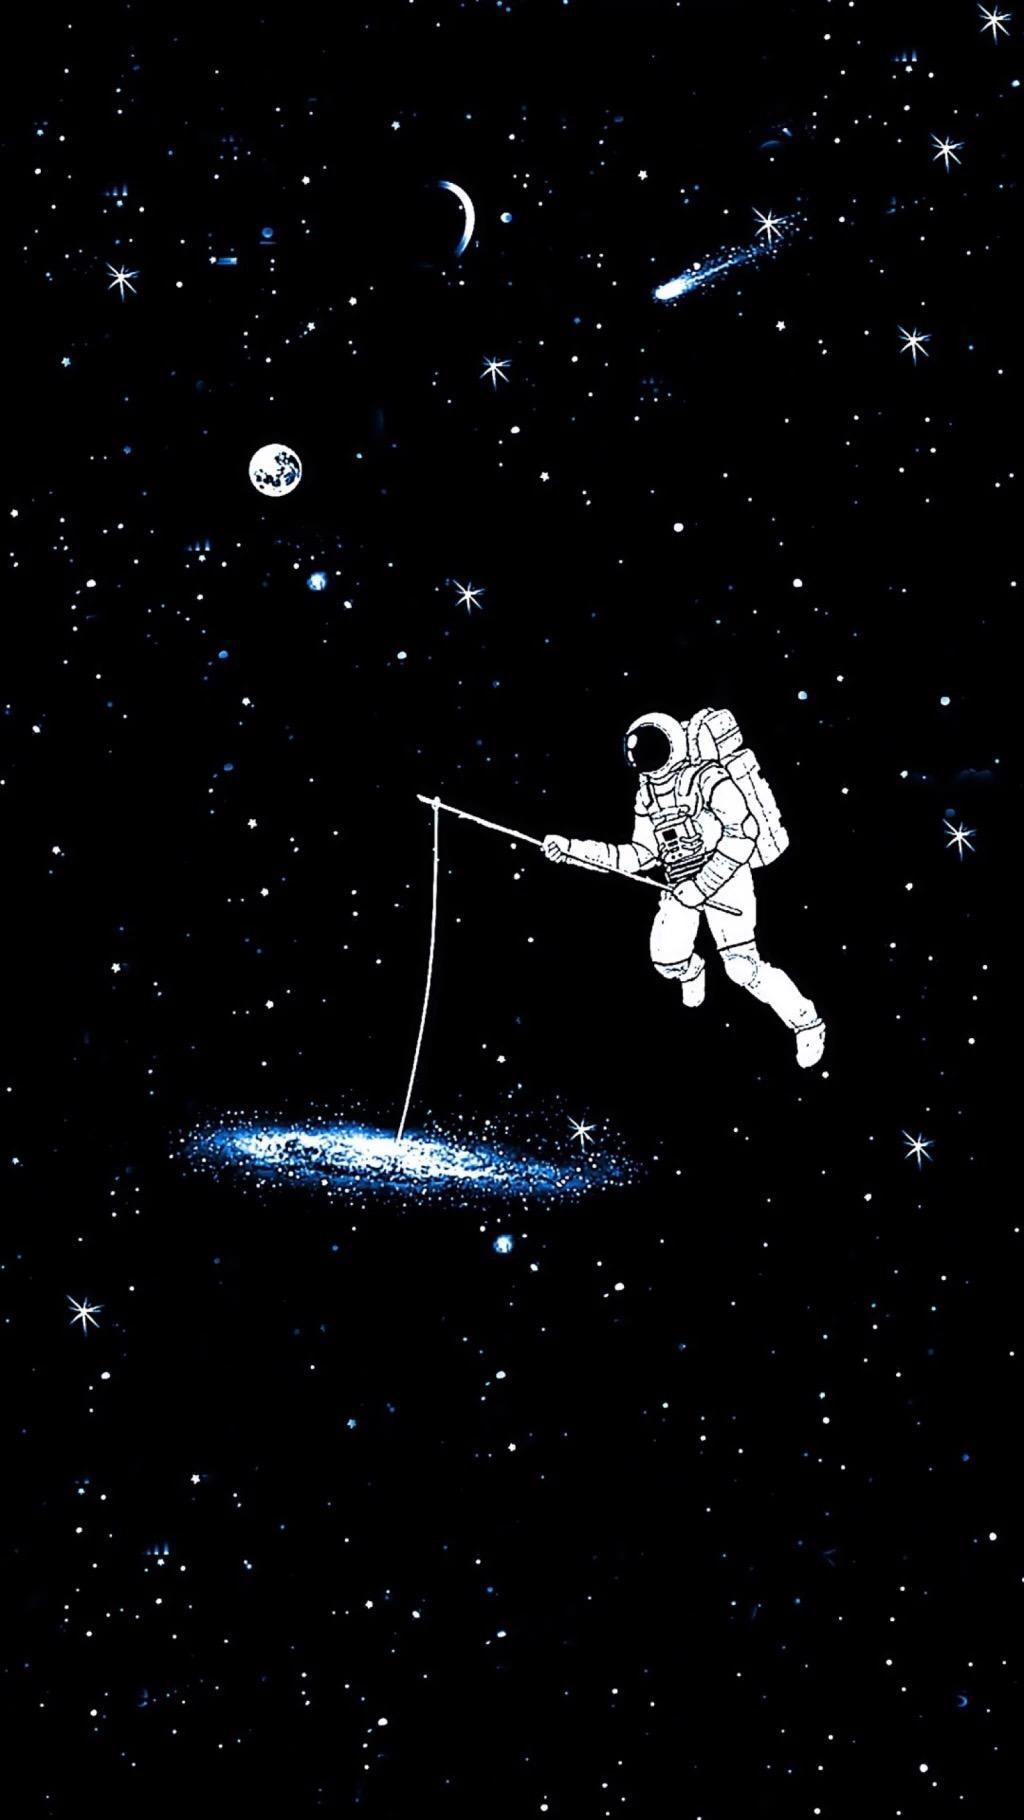 有什么宇航员主题的壁纸或者插画? 知乎